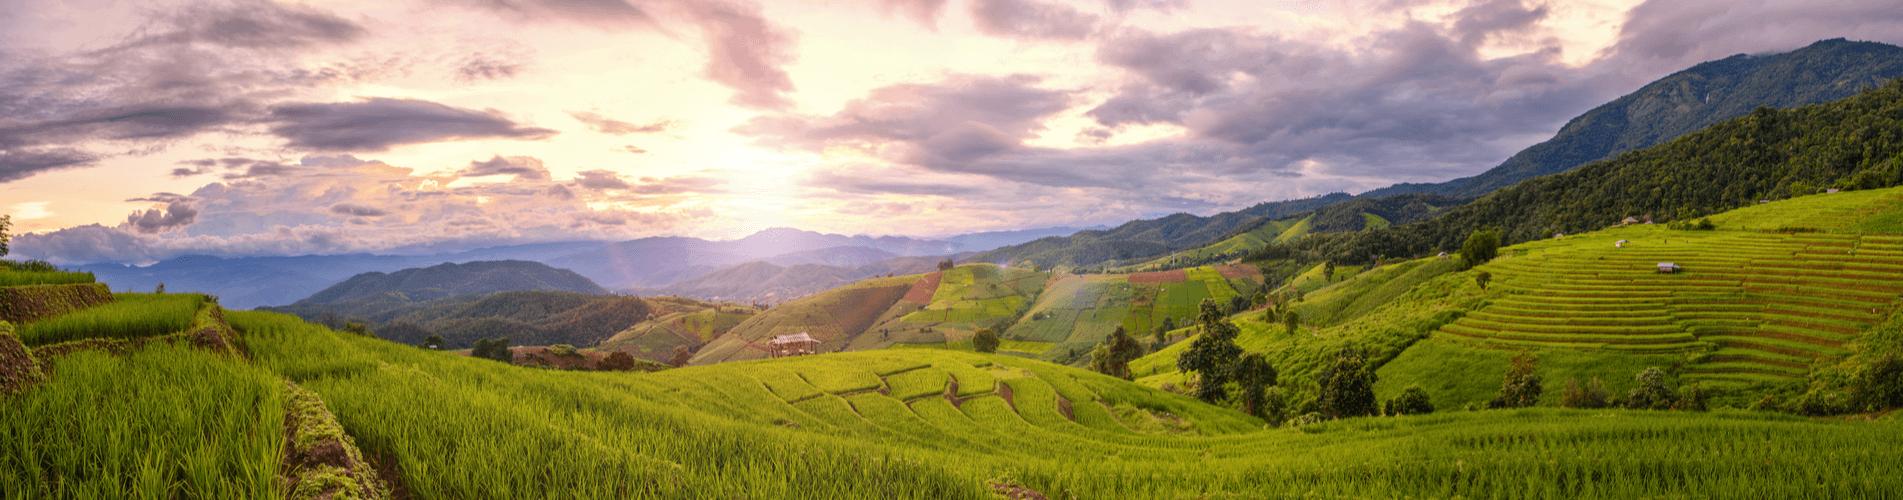 Paysages de Thailande avec evao voyages